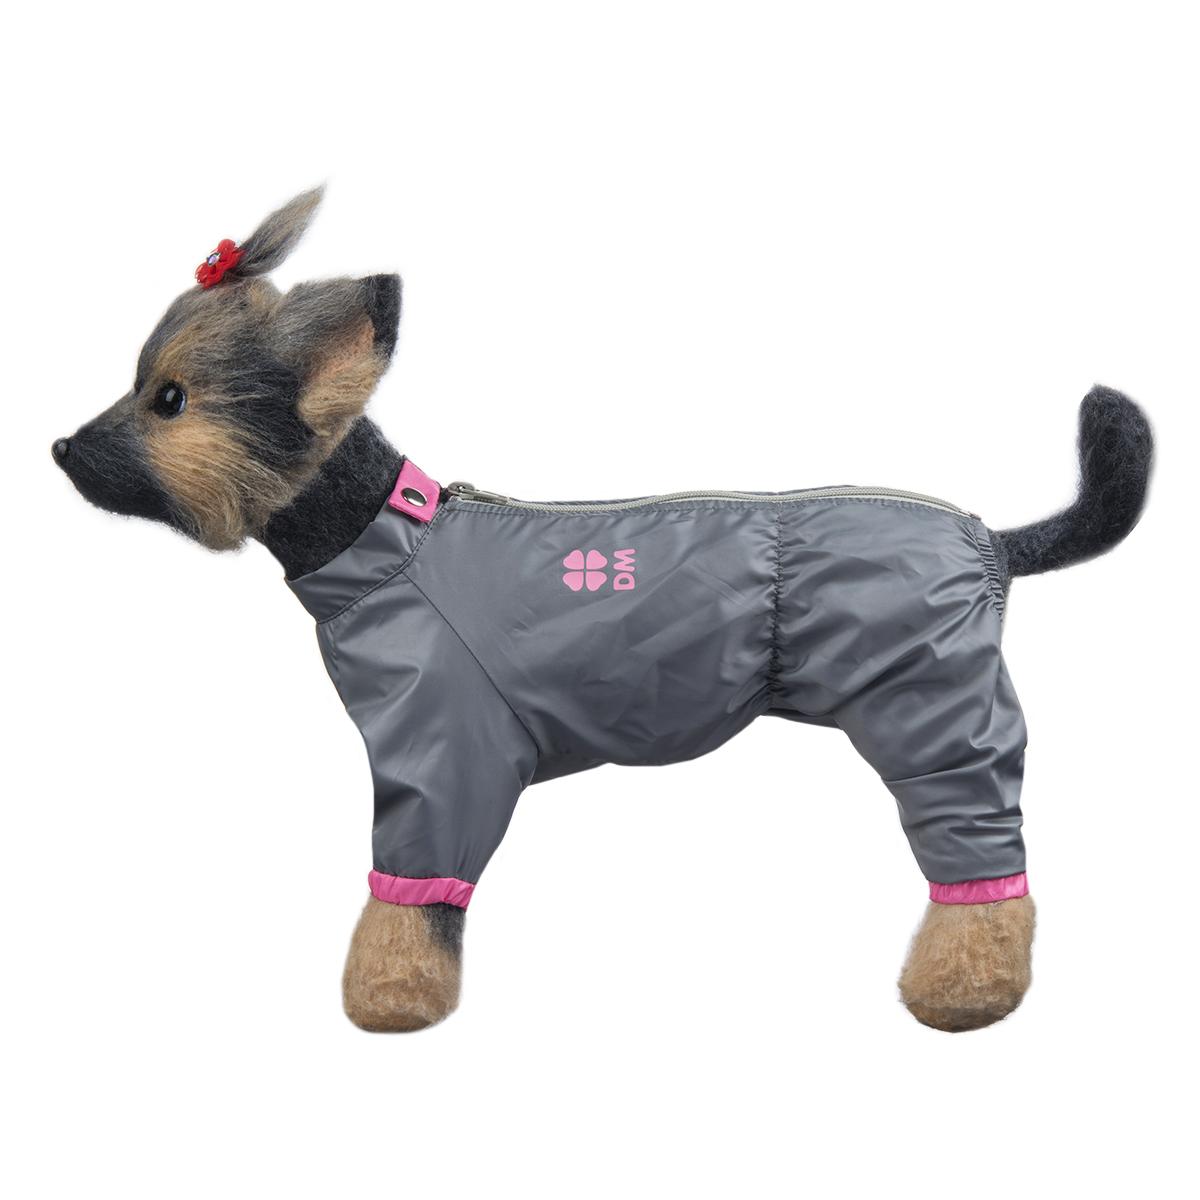 Комбинезон для собак Dogmoda Тревел, для девочки, цвет: серый, розовый. Размер 3 (L) комбинезон для собак dogmoda тревел для девочки цвет серый розовый размер 3 l